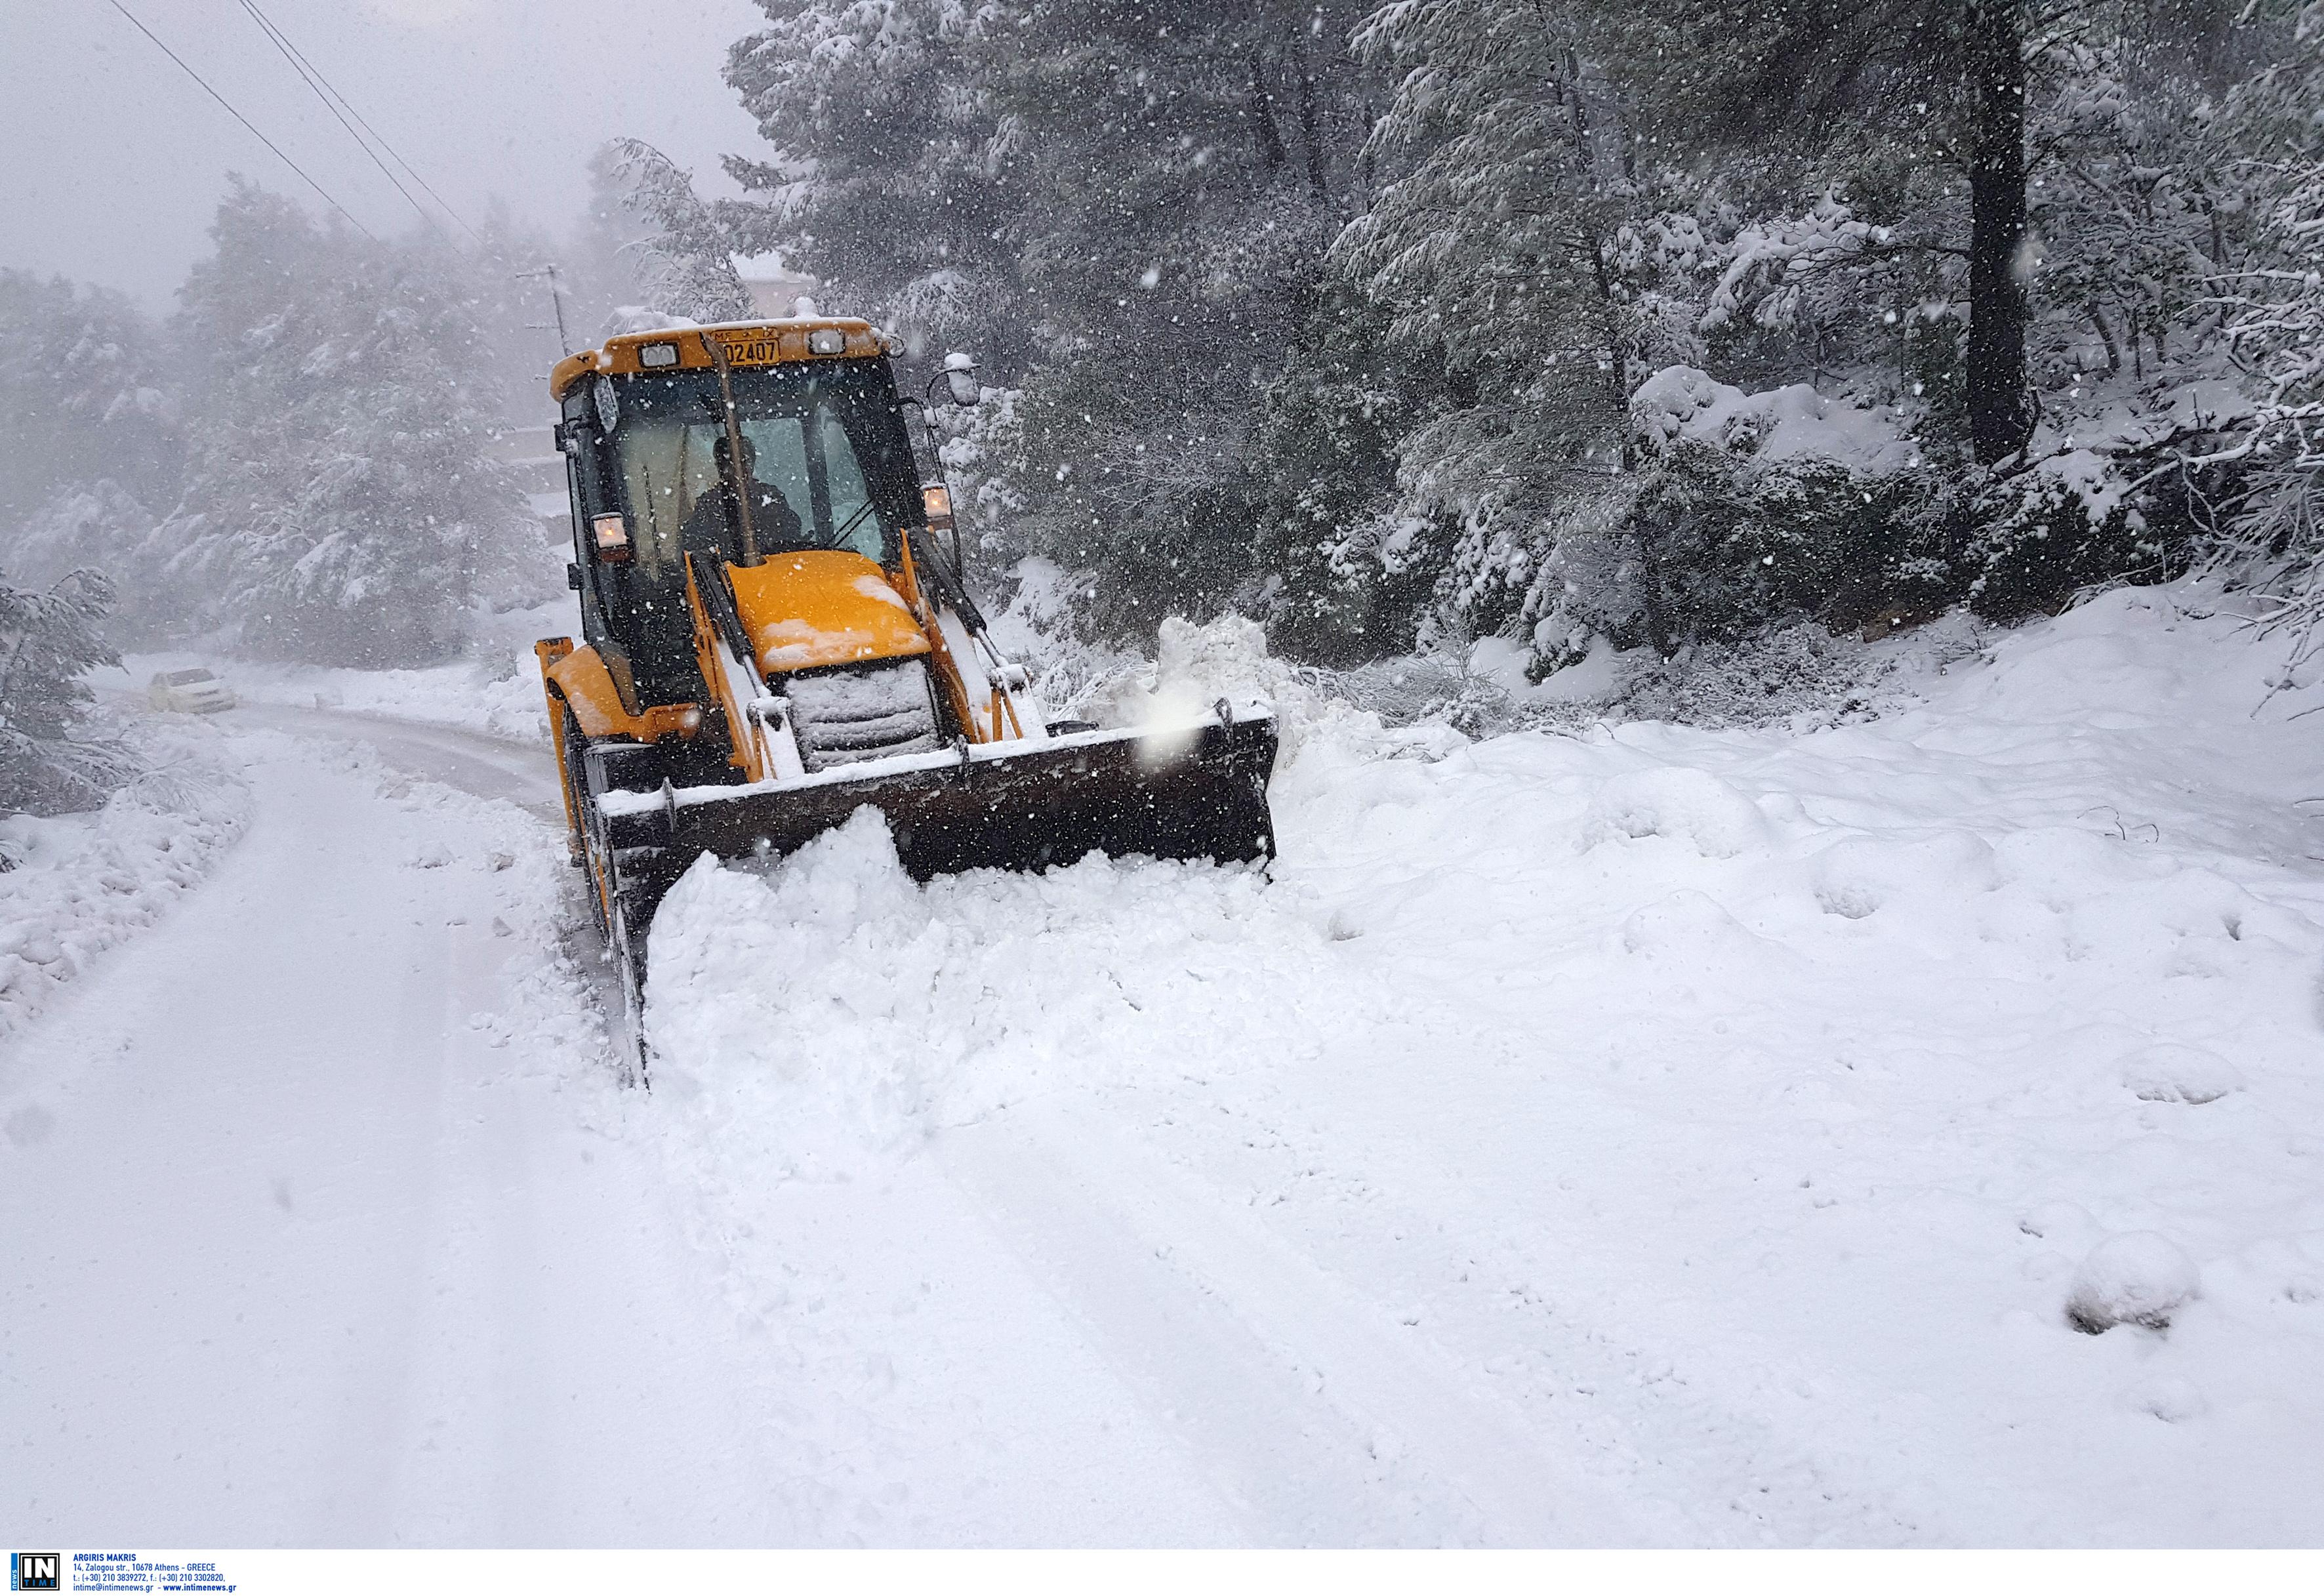 Καιρός: Τα προβλήματα σε Αχαΐα, Αρκαδία και Κορινθία! Ποιοι δρόμοι παραμένουν κλειστοί…